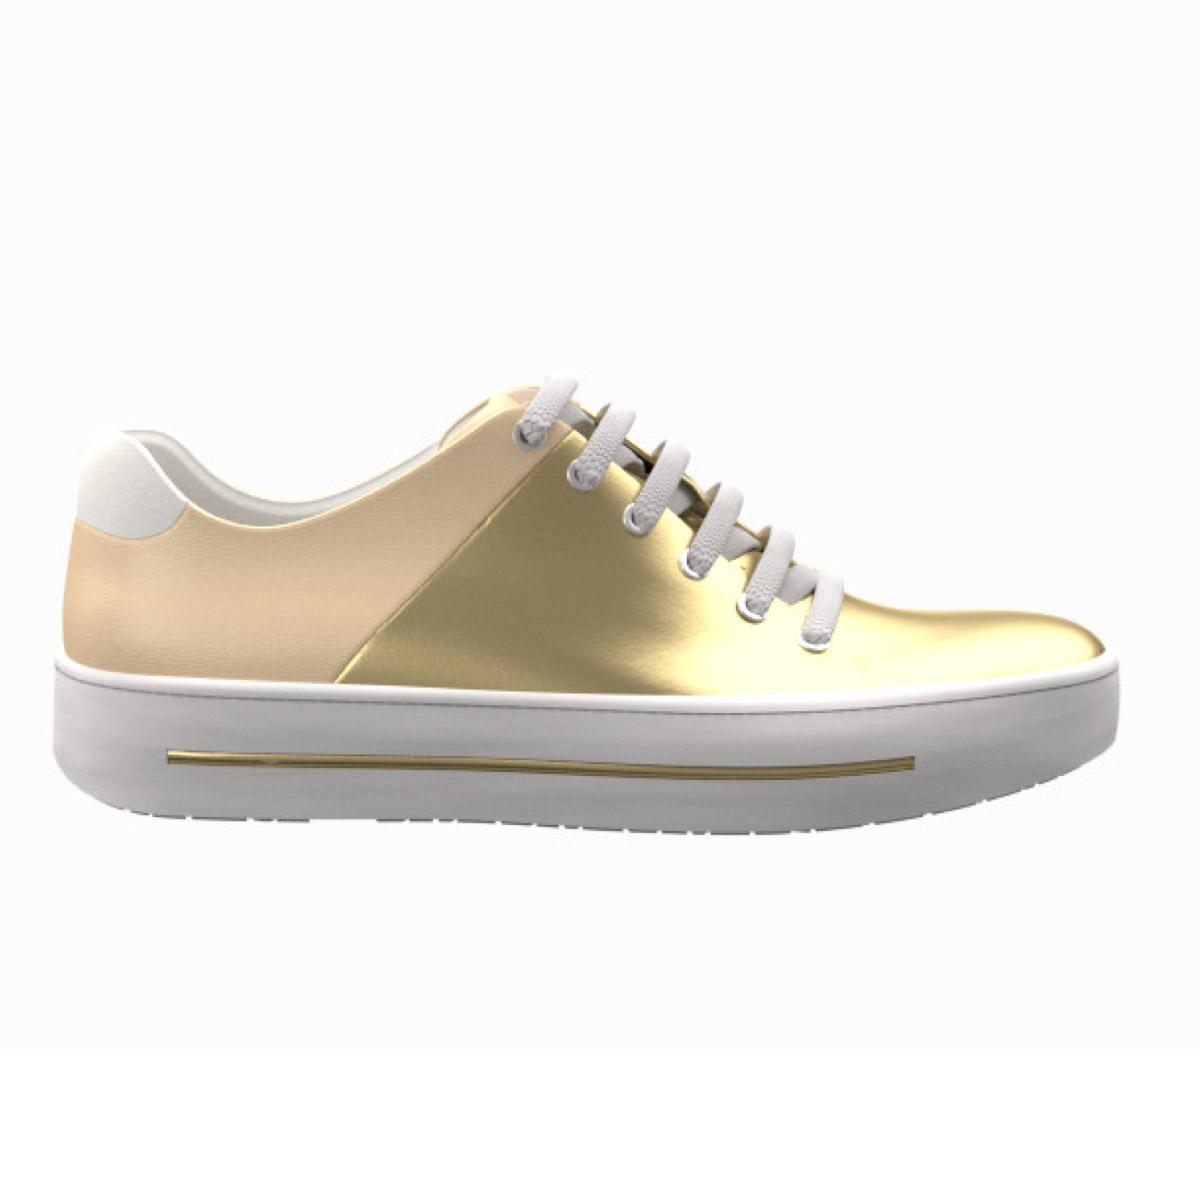 Salustri 32 Sneakers